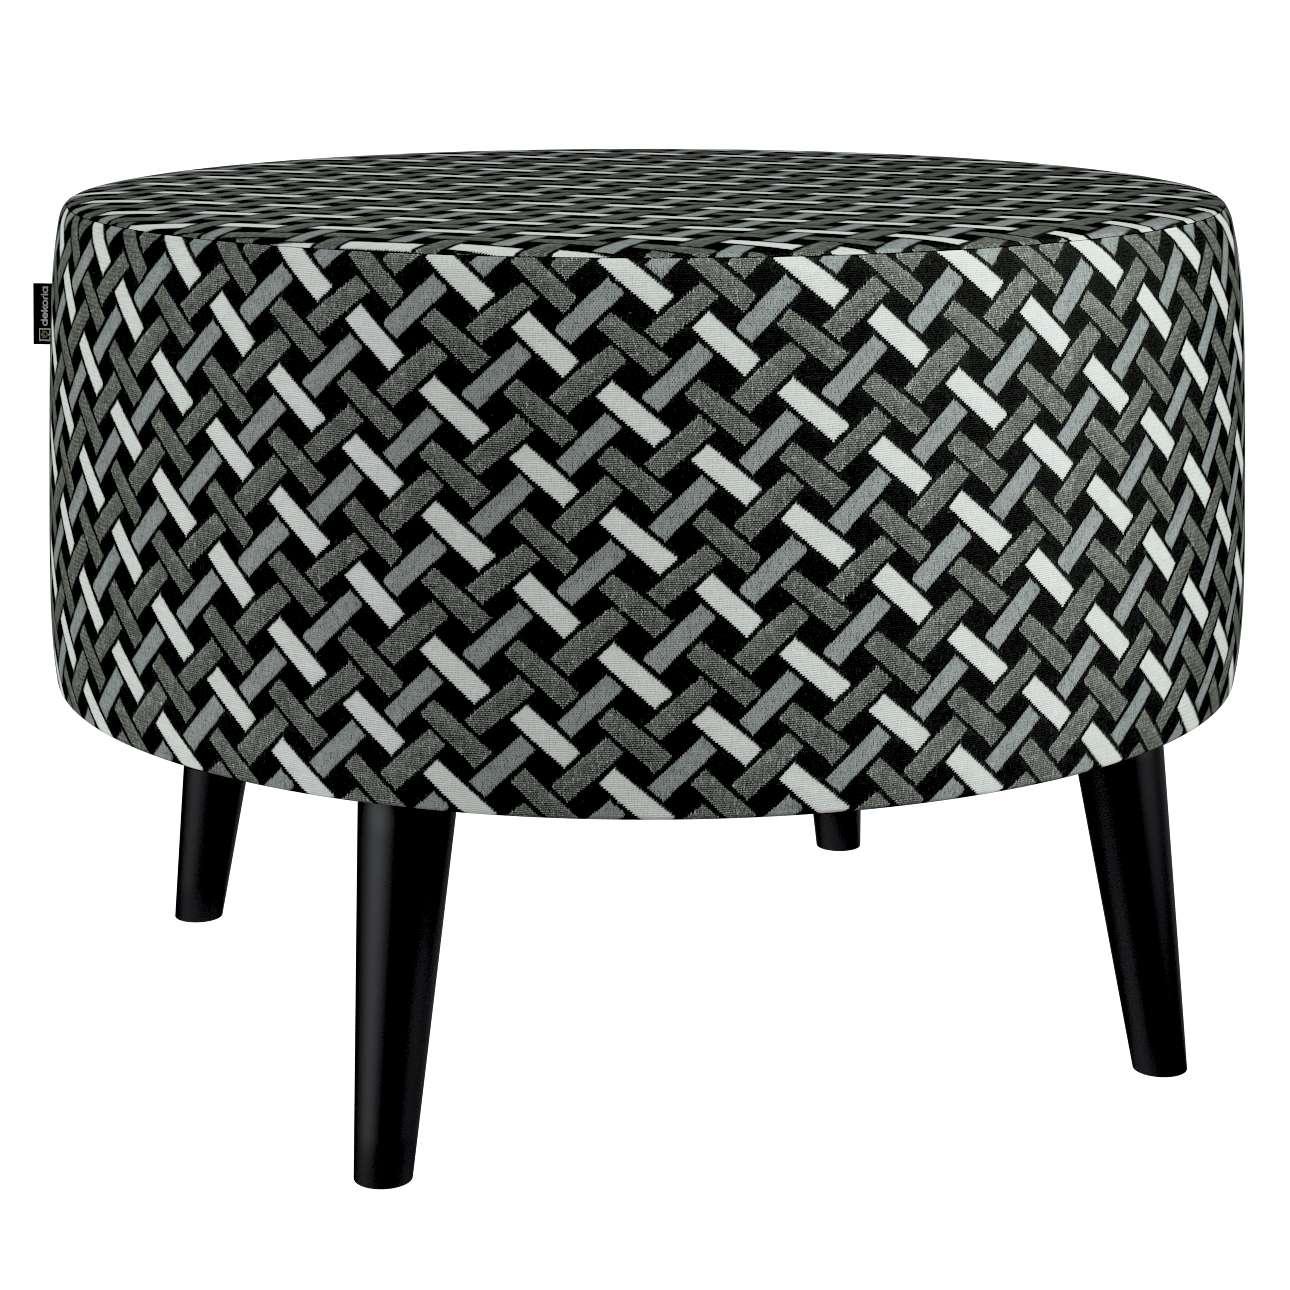 Podnóżek okrągły I w kolekcji Black & White, tkanina: 142-87